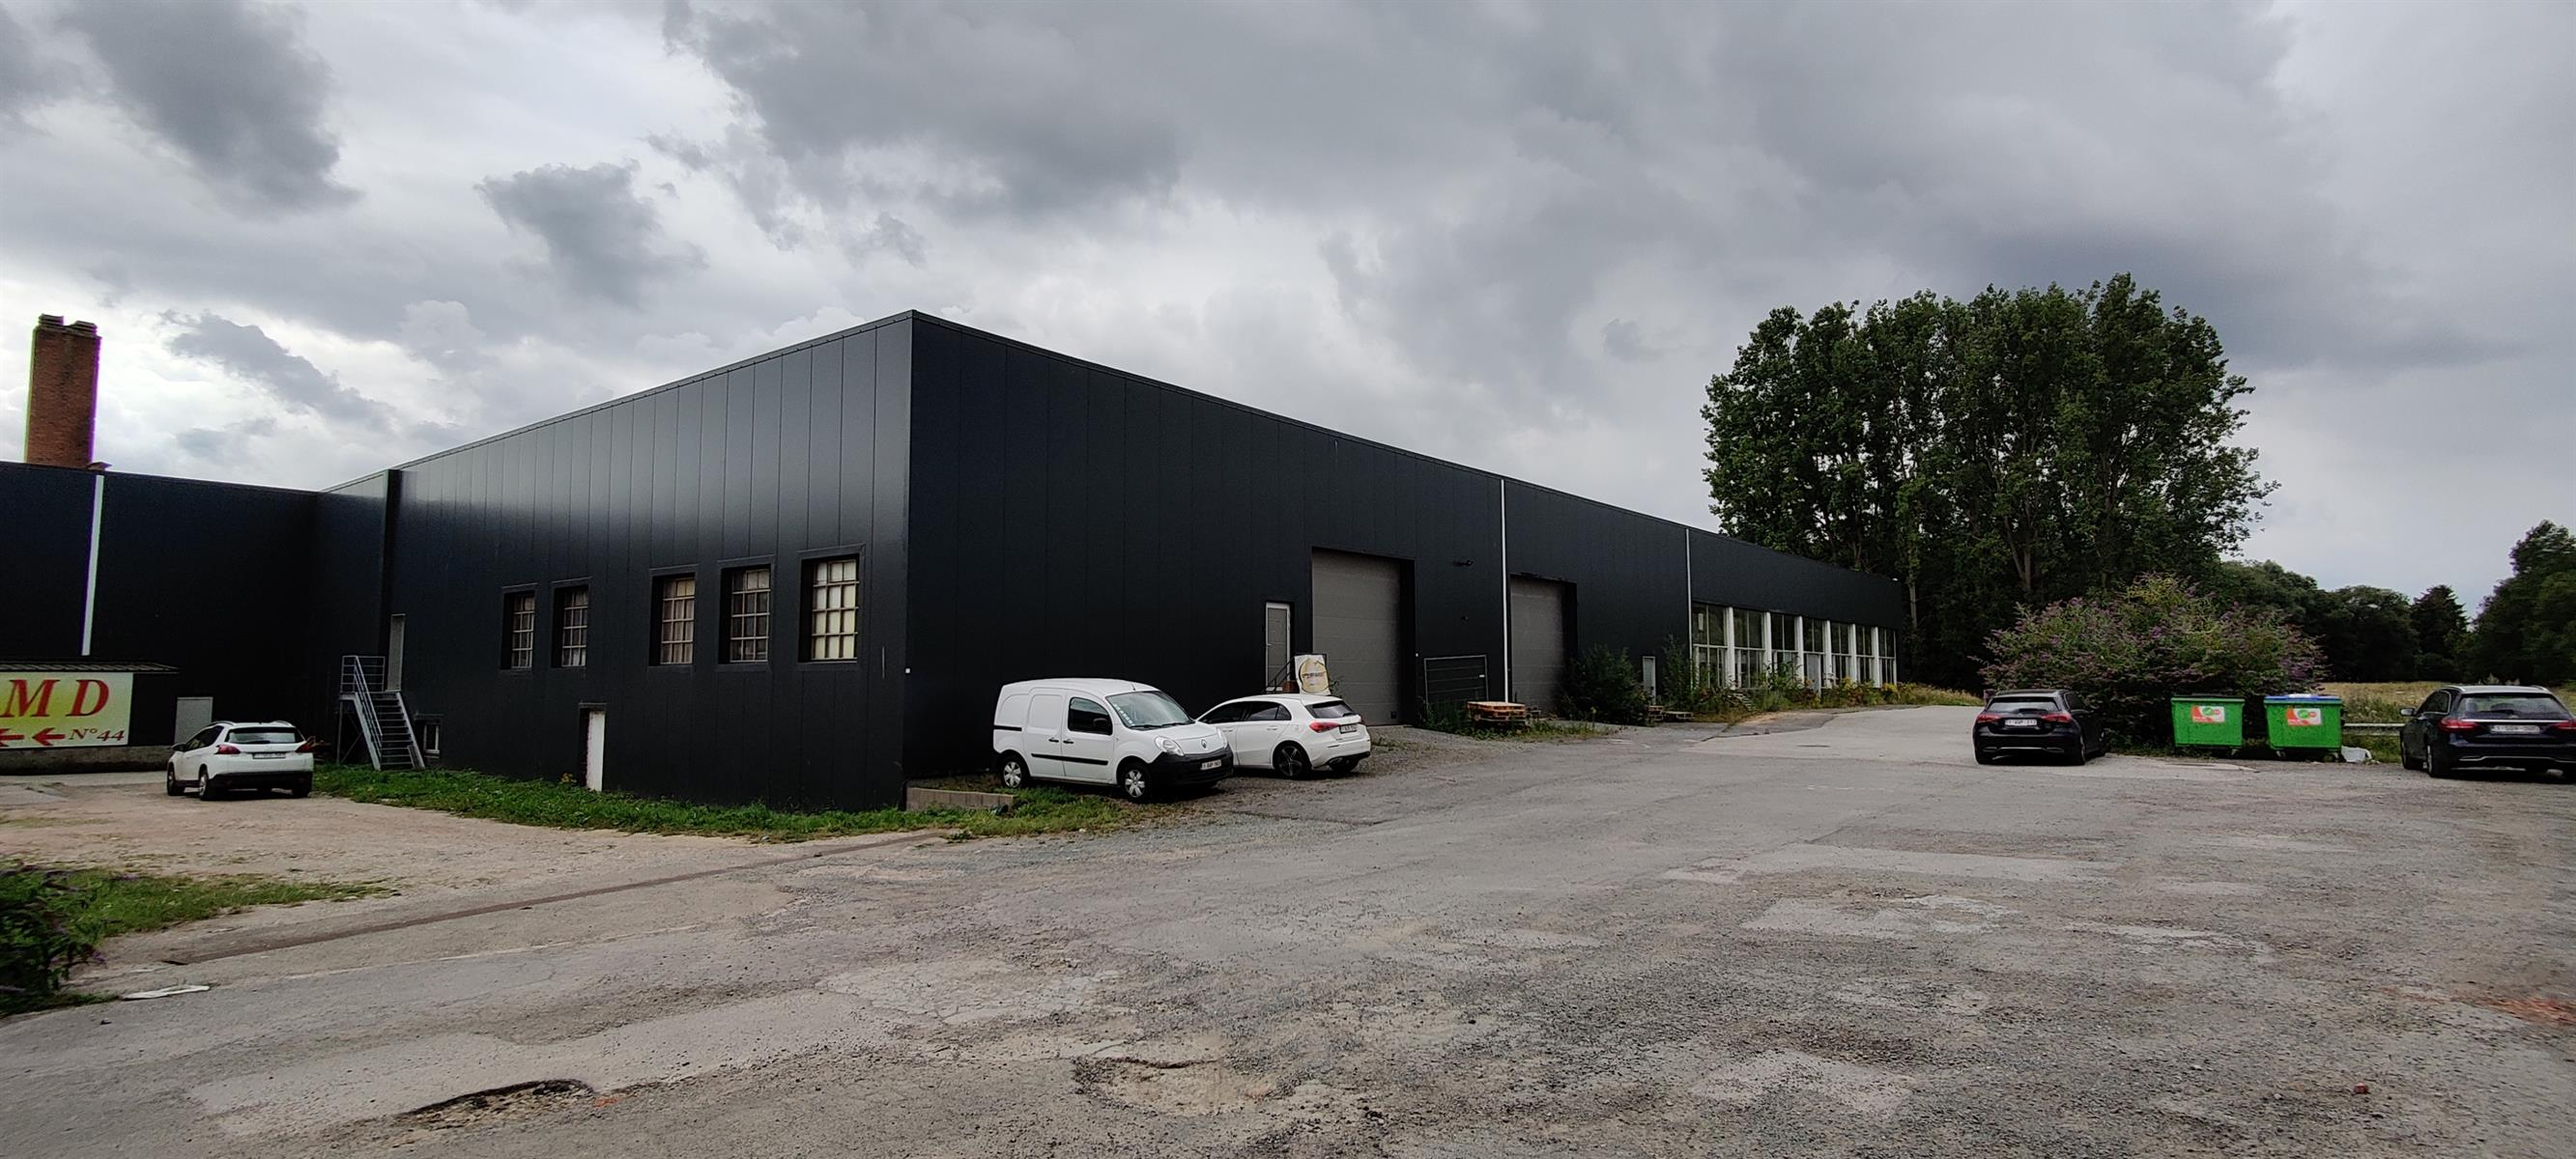 gebouw voor gemengd gebruik te huur I158 - Lumbeekstraat 38, 1700 Dilbeek Sint-Ulriks-Kapelle, België 6